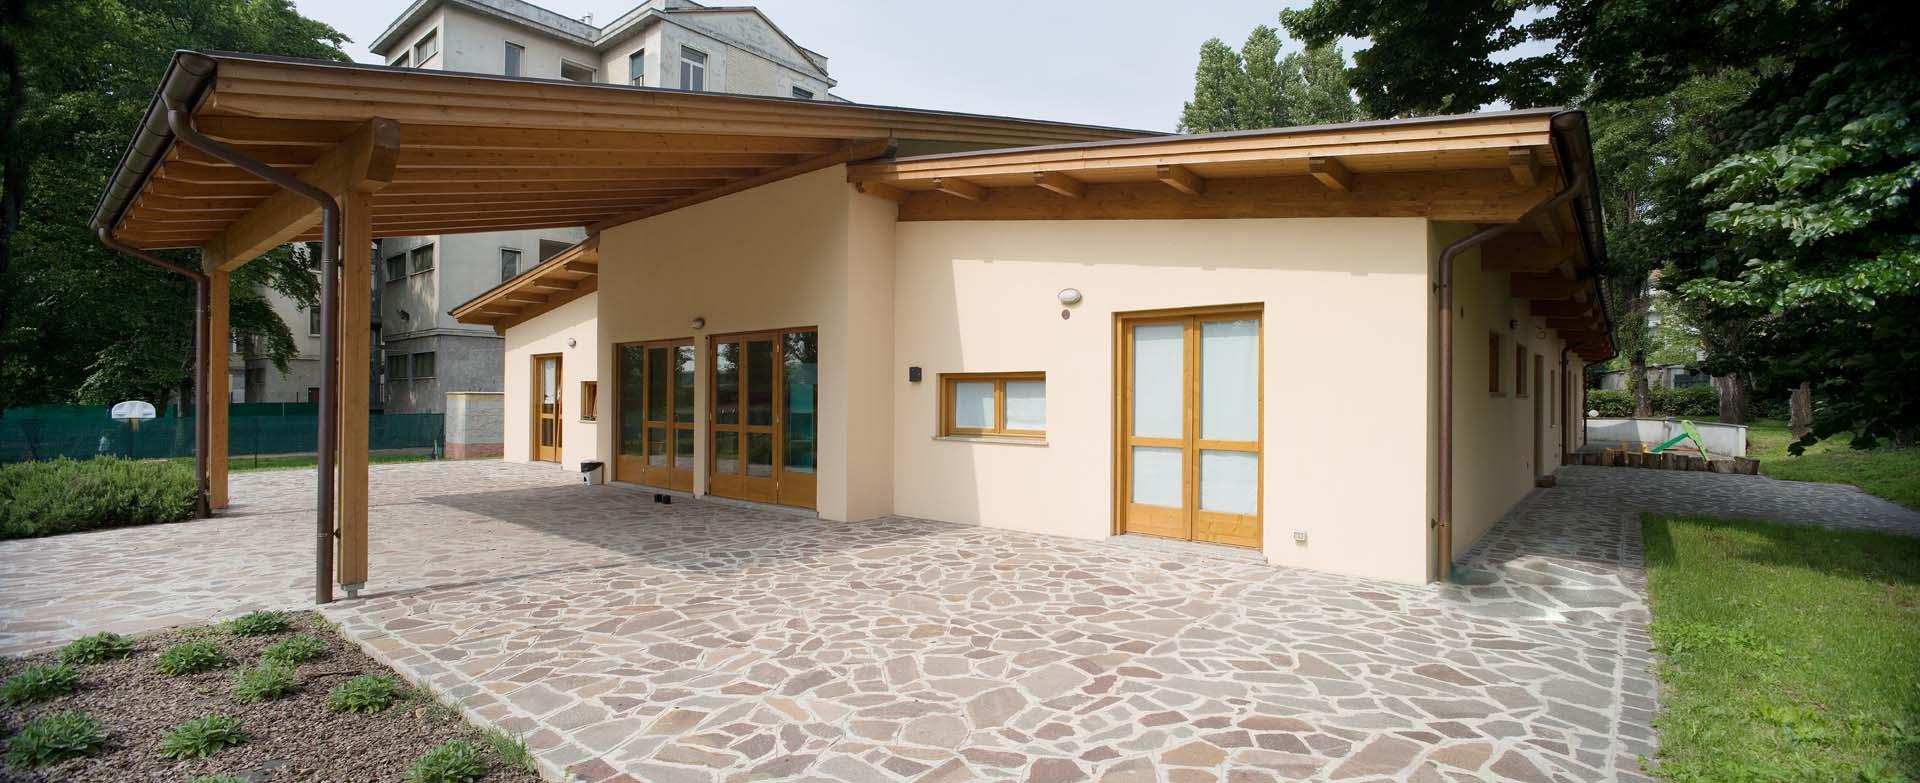 Modelli ille case in legno tecnologia esperienza ed for Casa bioedilizia o tradizionale